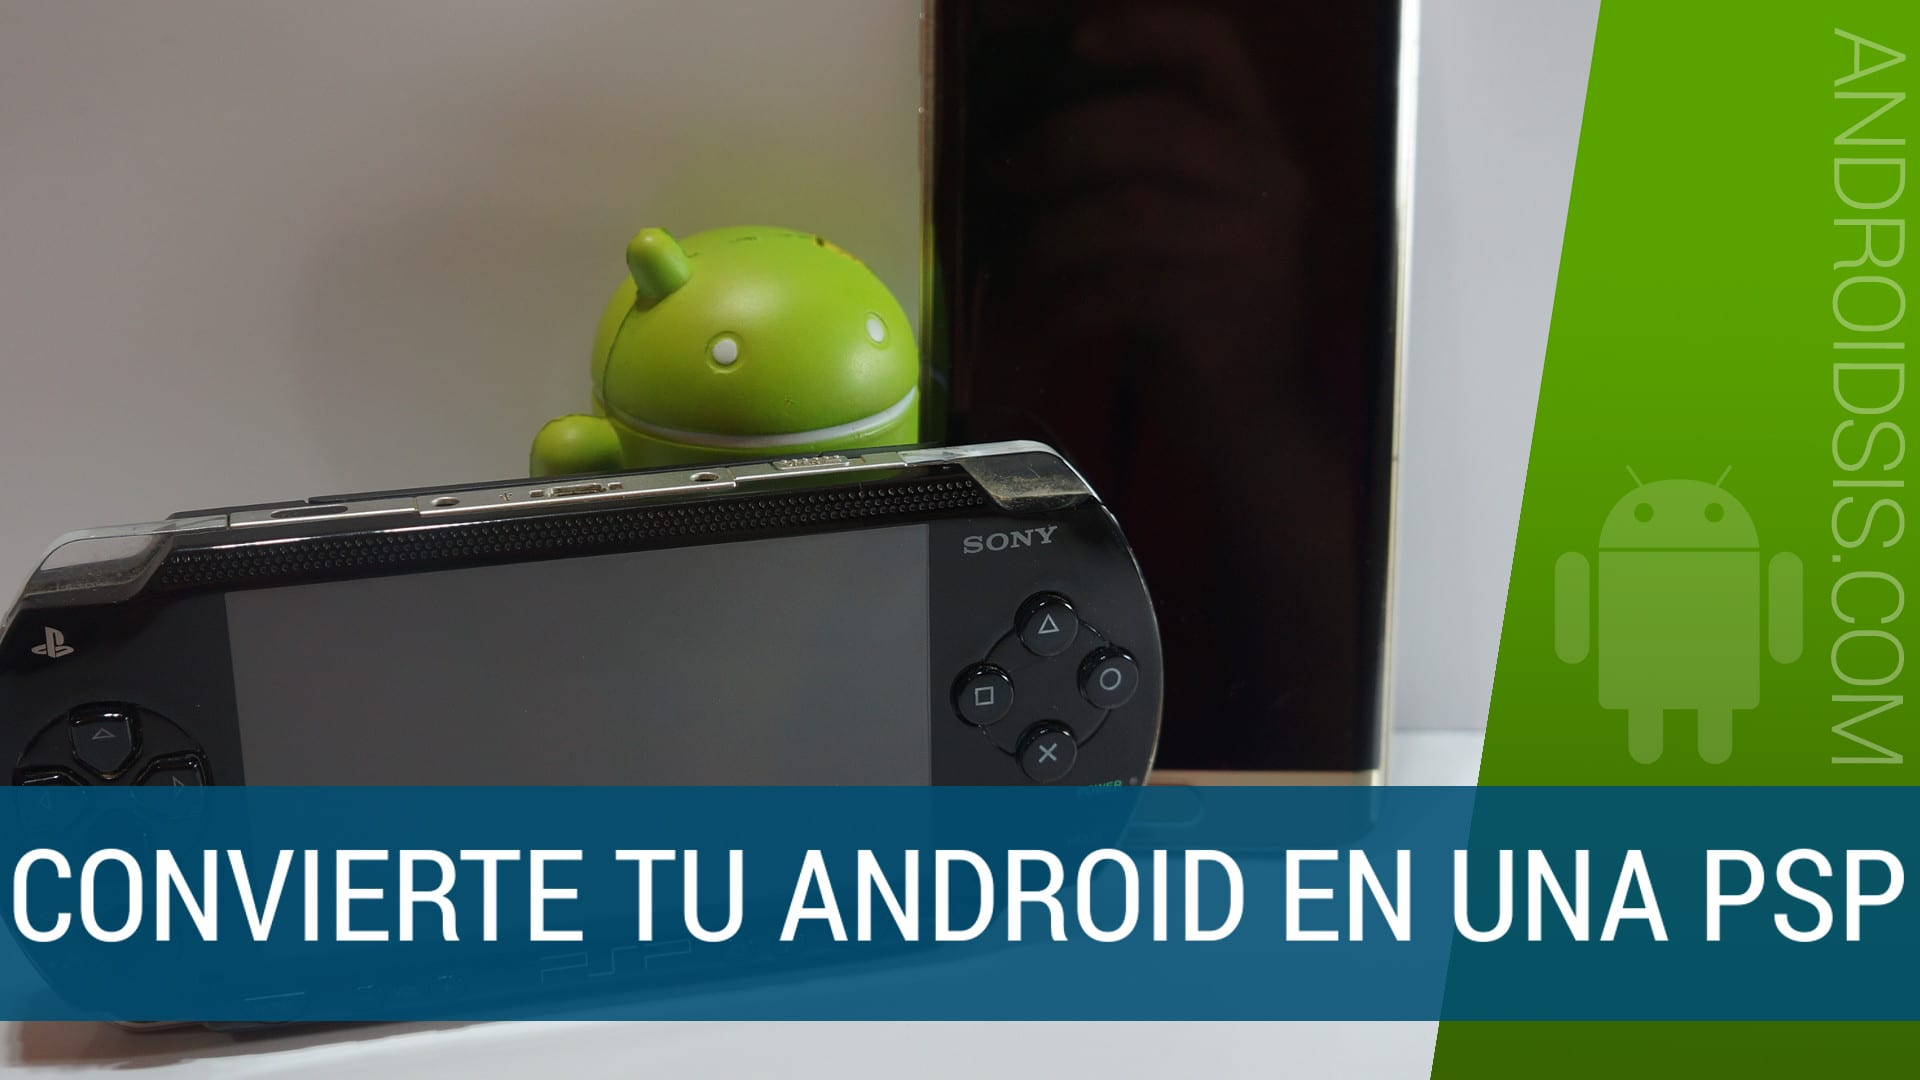 Cómo convertir Android en una PSP de Sony con el mejor emulador de PSP para Android